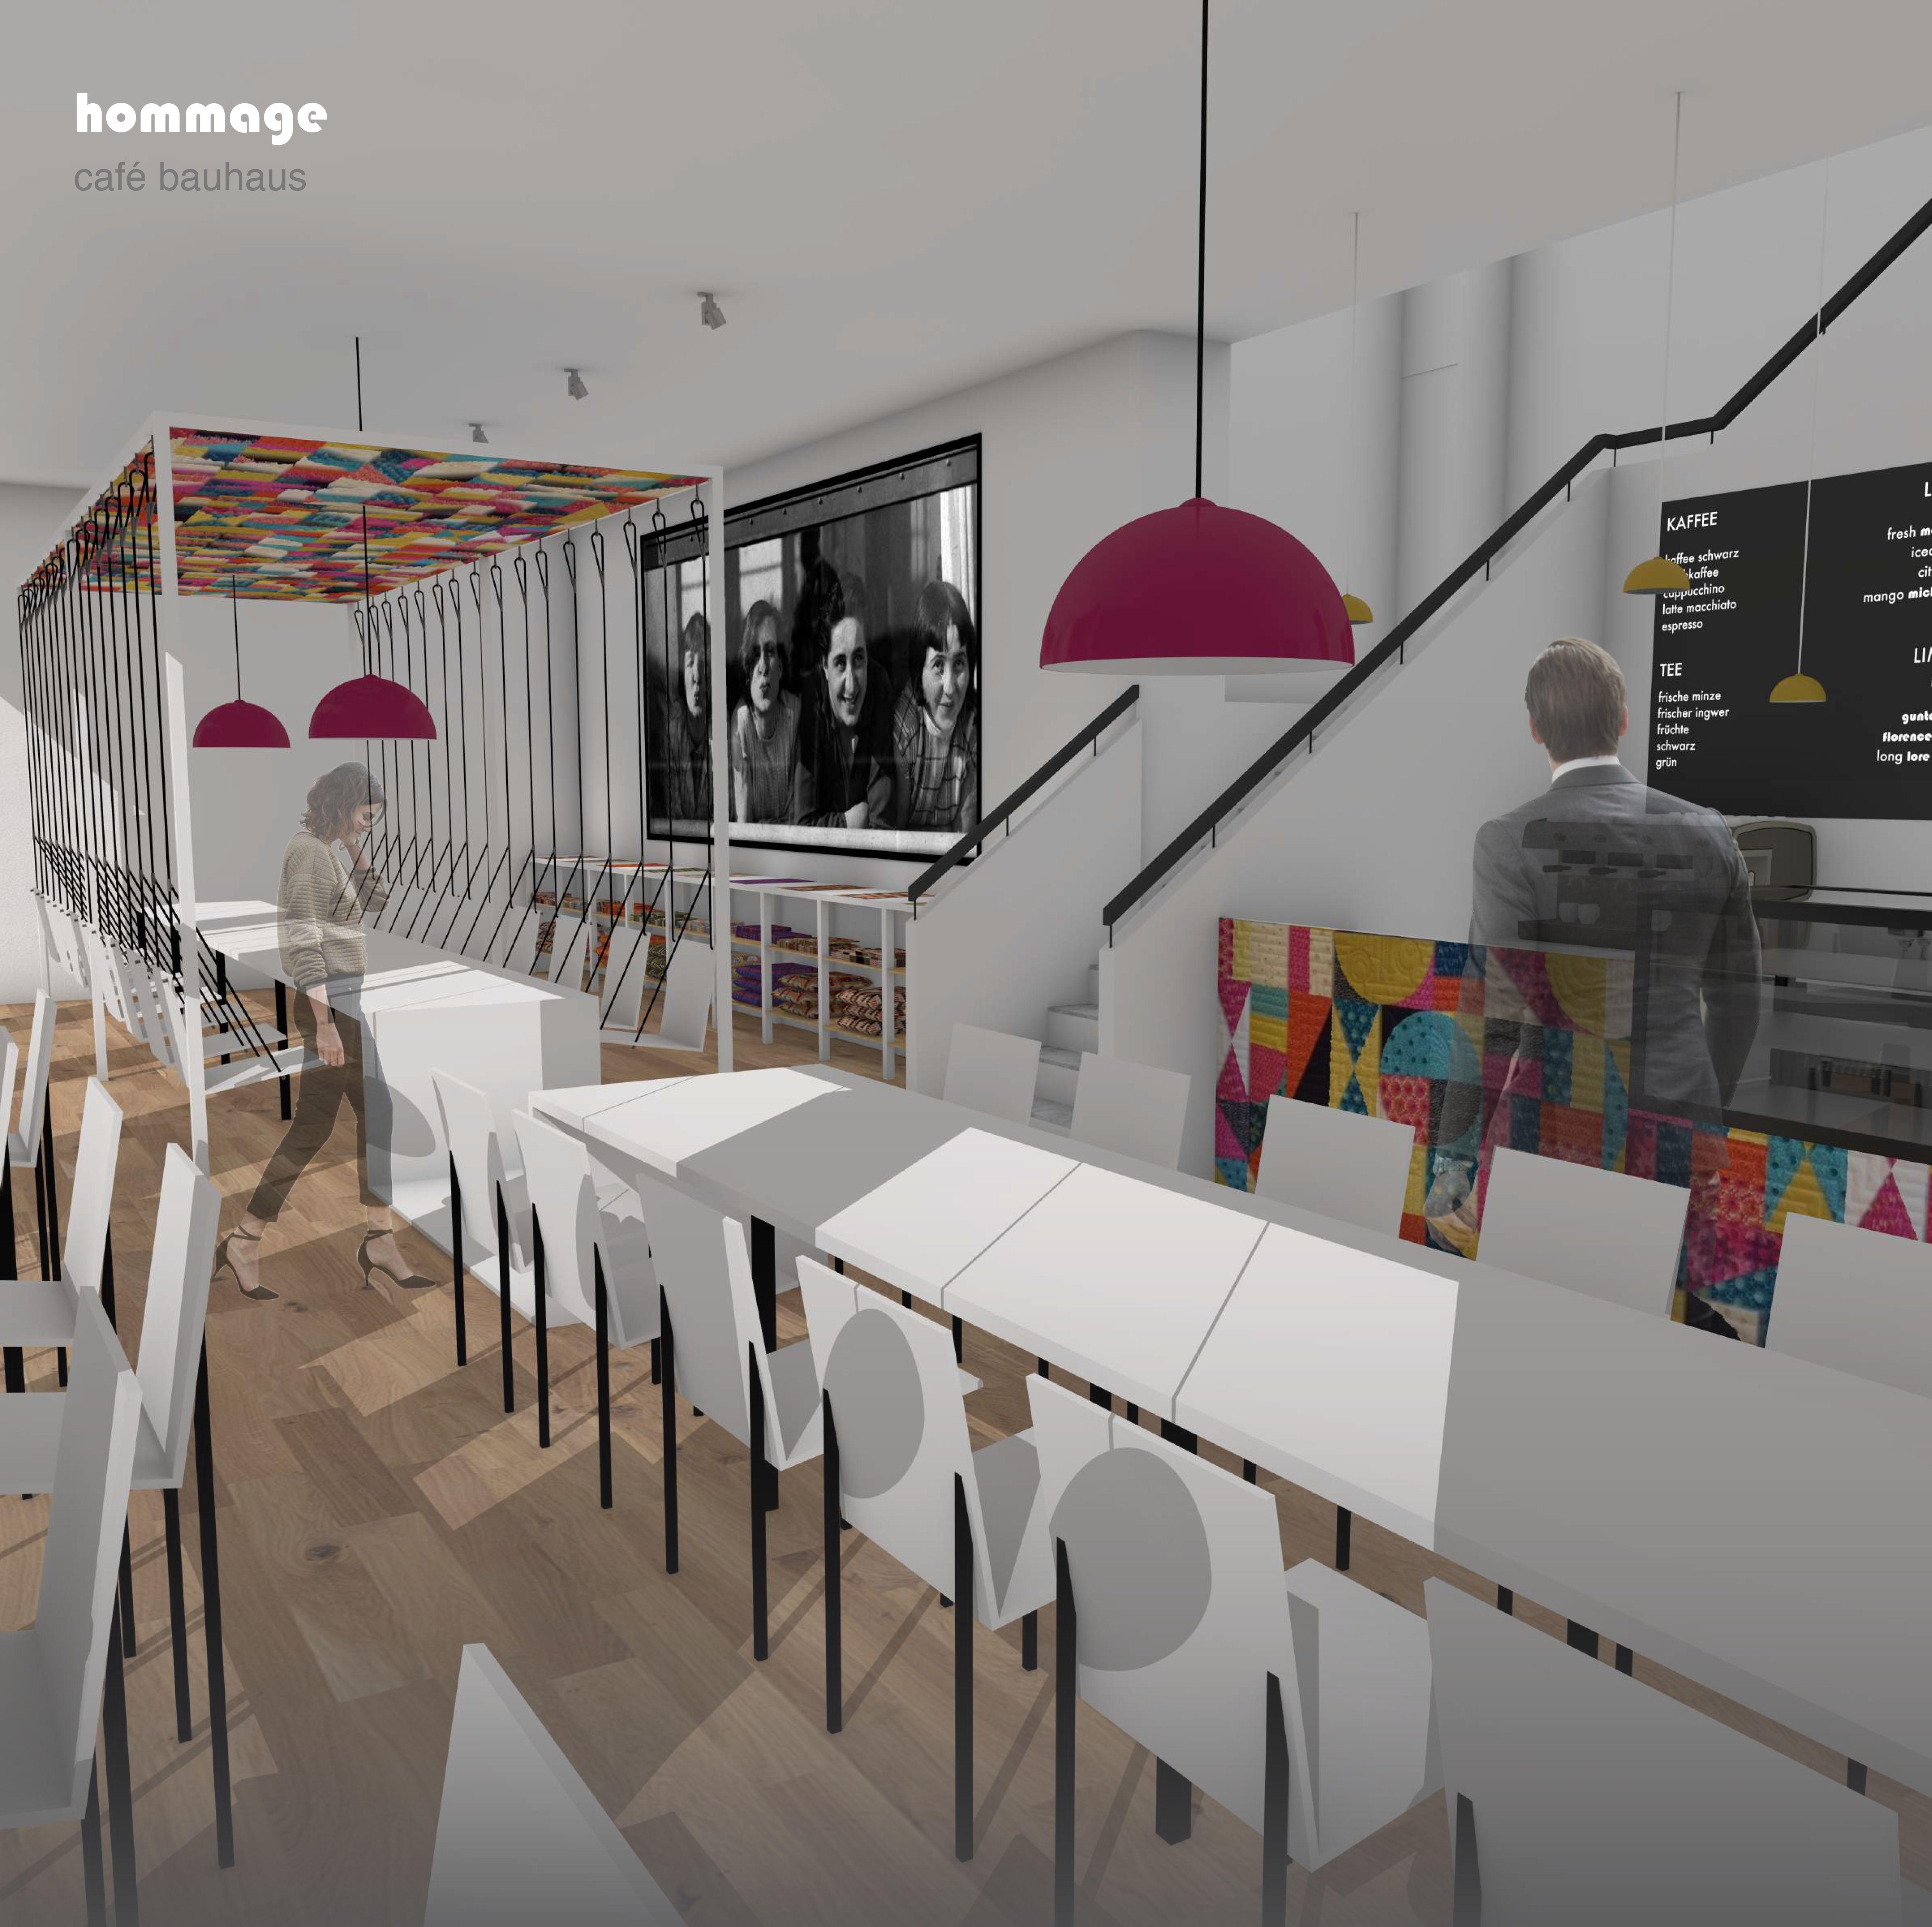 Perspektive Innen – Innenarchitektur studieren in Wiesbaden